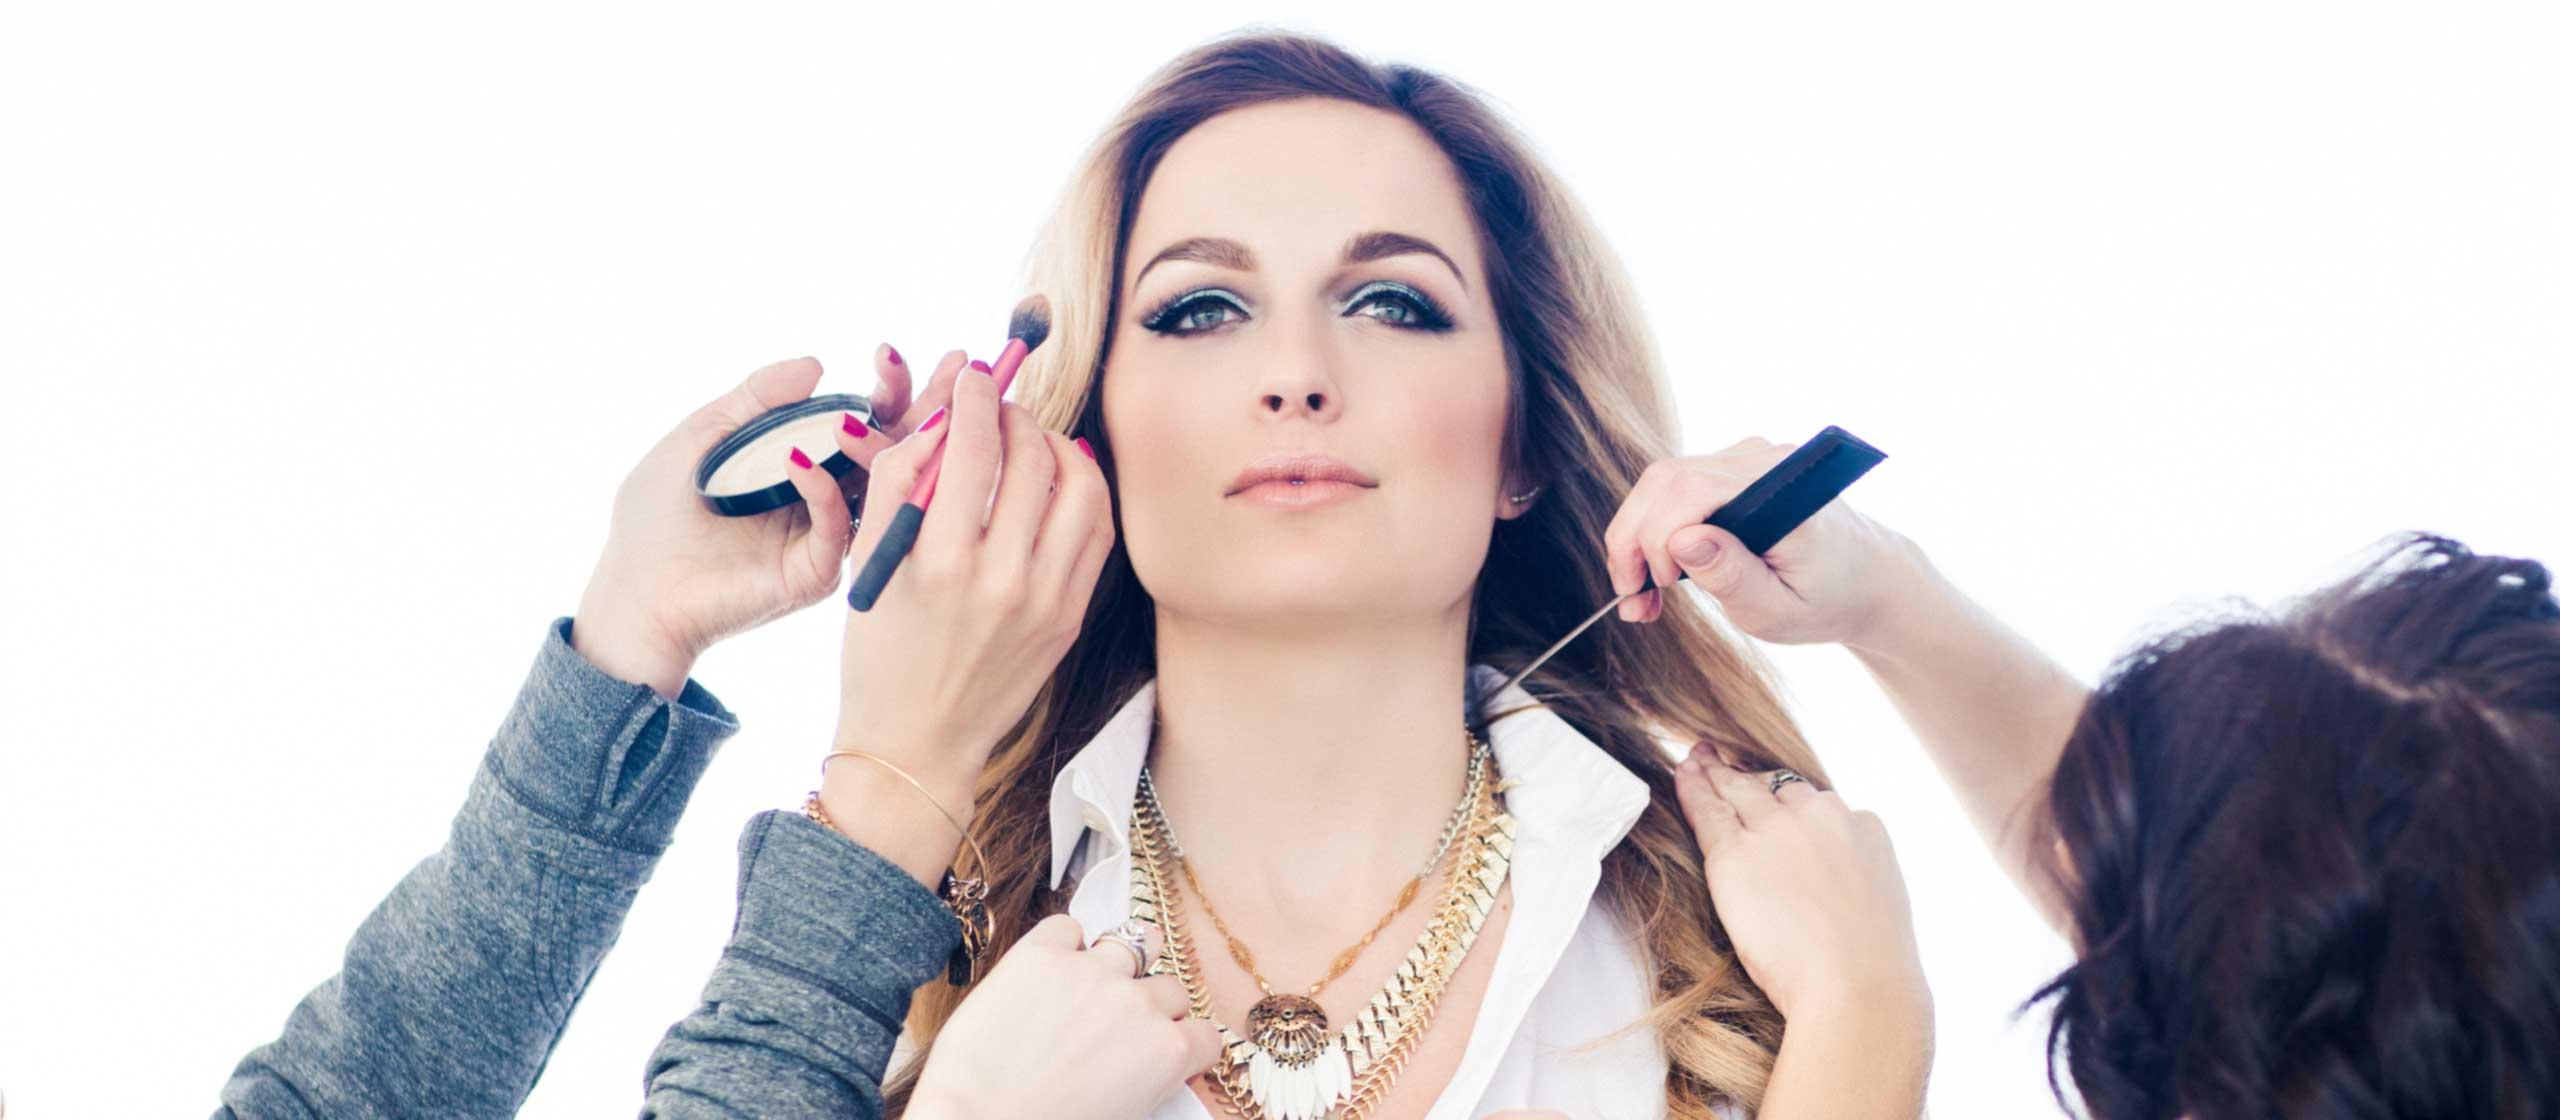 About Estheticians + Makeup Artists at PENZONE Salons + Spas